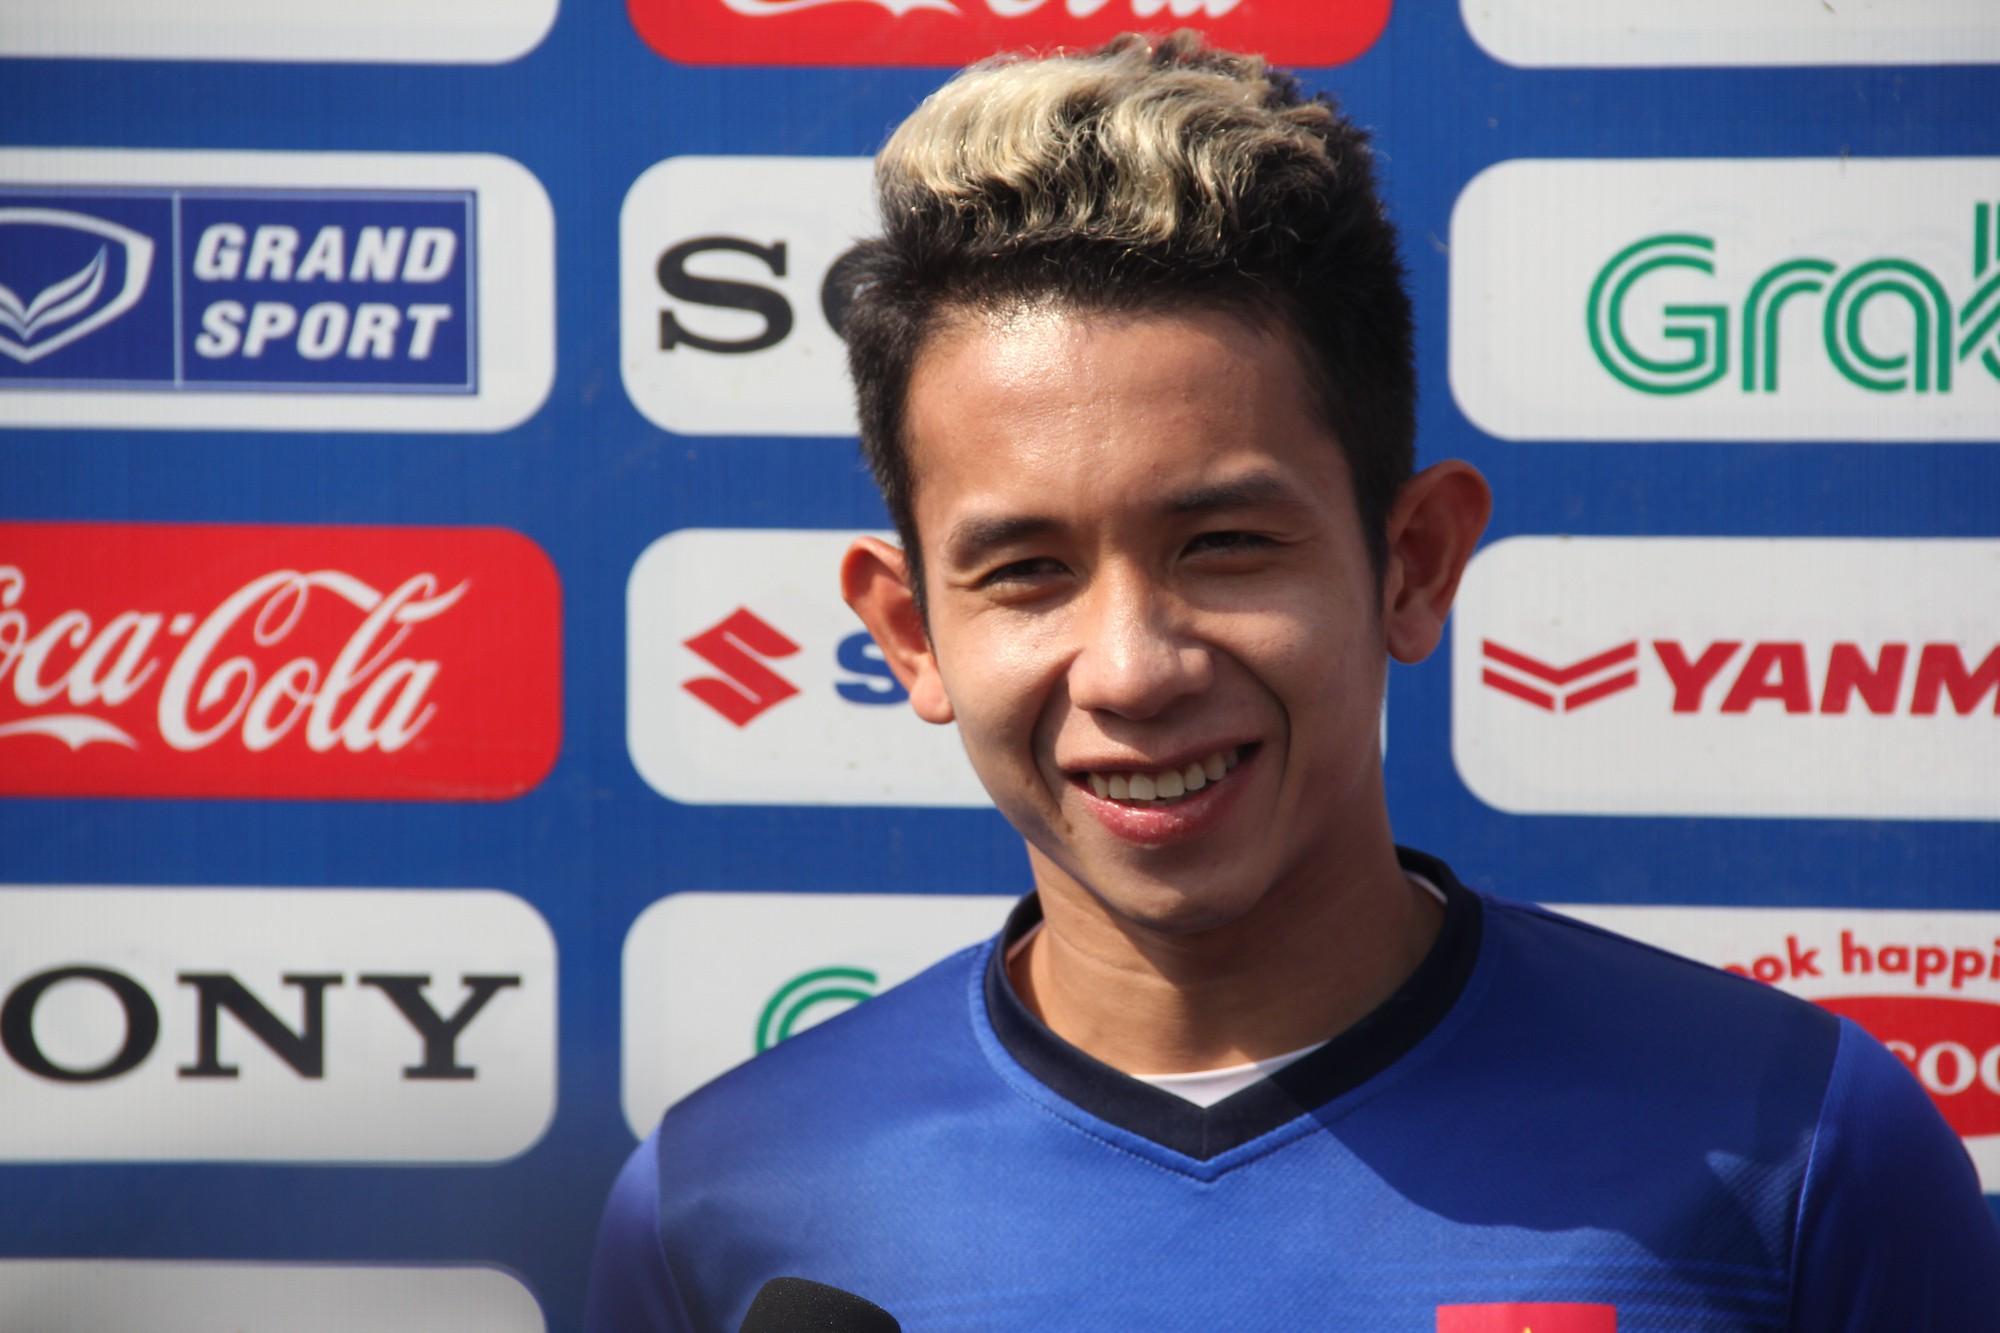 Hồng Duy tiết lộ điều bất ngờ trước cuộc đối đầu với Philippines - Ảnh 2.